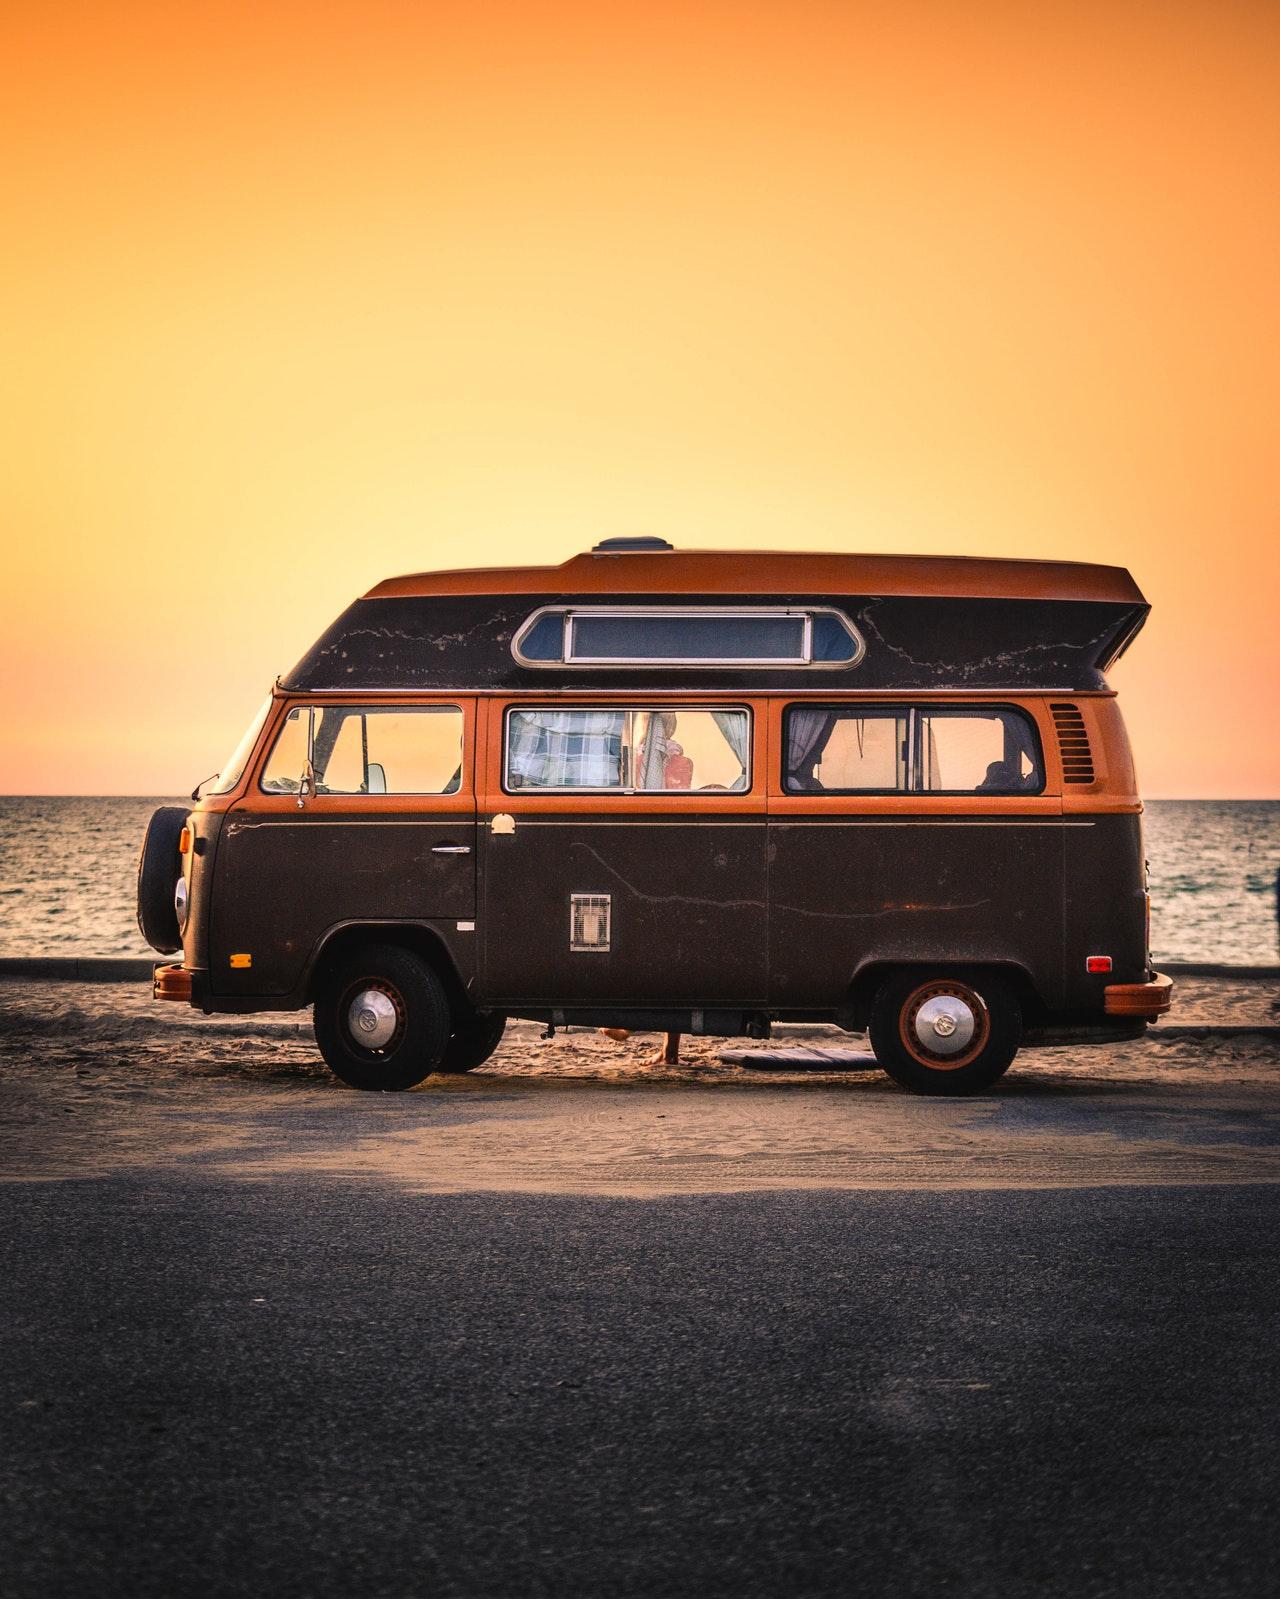 Camperreizen voor beginners: 10 praktische tips